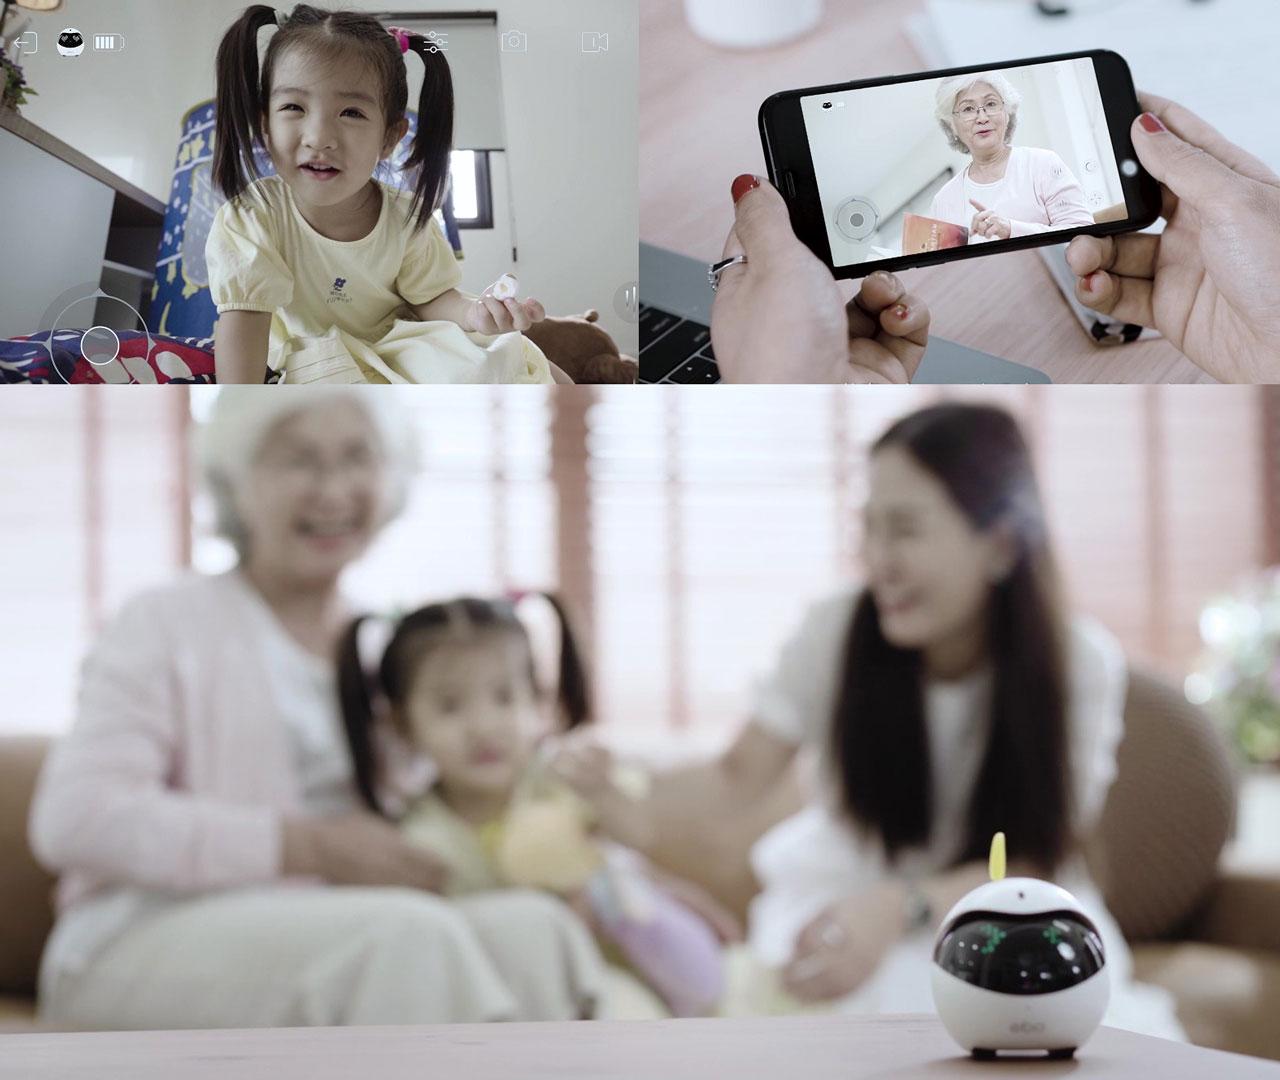 Eboは高齢者や幼い子供、ペットを残して外出するのが不安。そんなときにはEboが便利、いつでも家庭内の様子をスマホでチェックすることができます。スピーカーとマイクを内蔵しているので、会話(双方向音声)ができます。離れていても安心して見守ることのできる見守りカメラの役割もあります